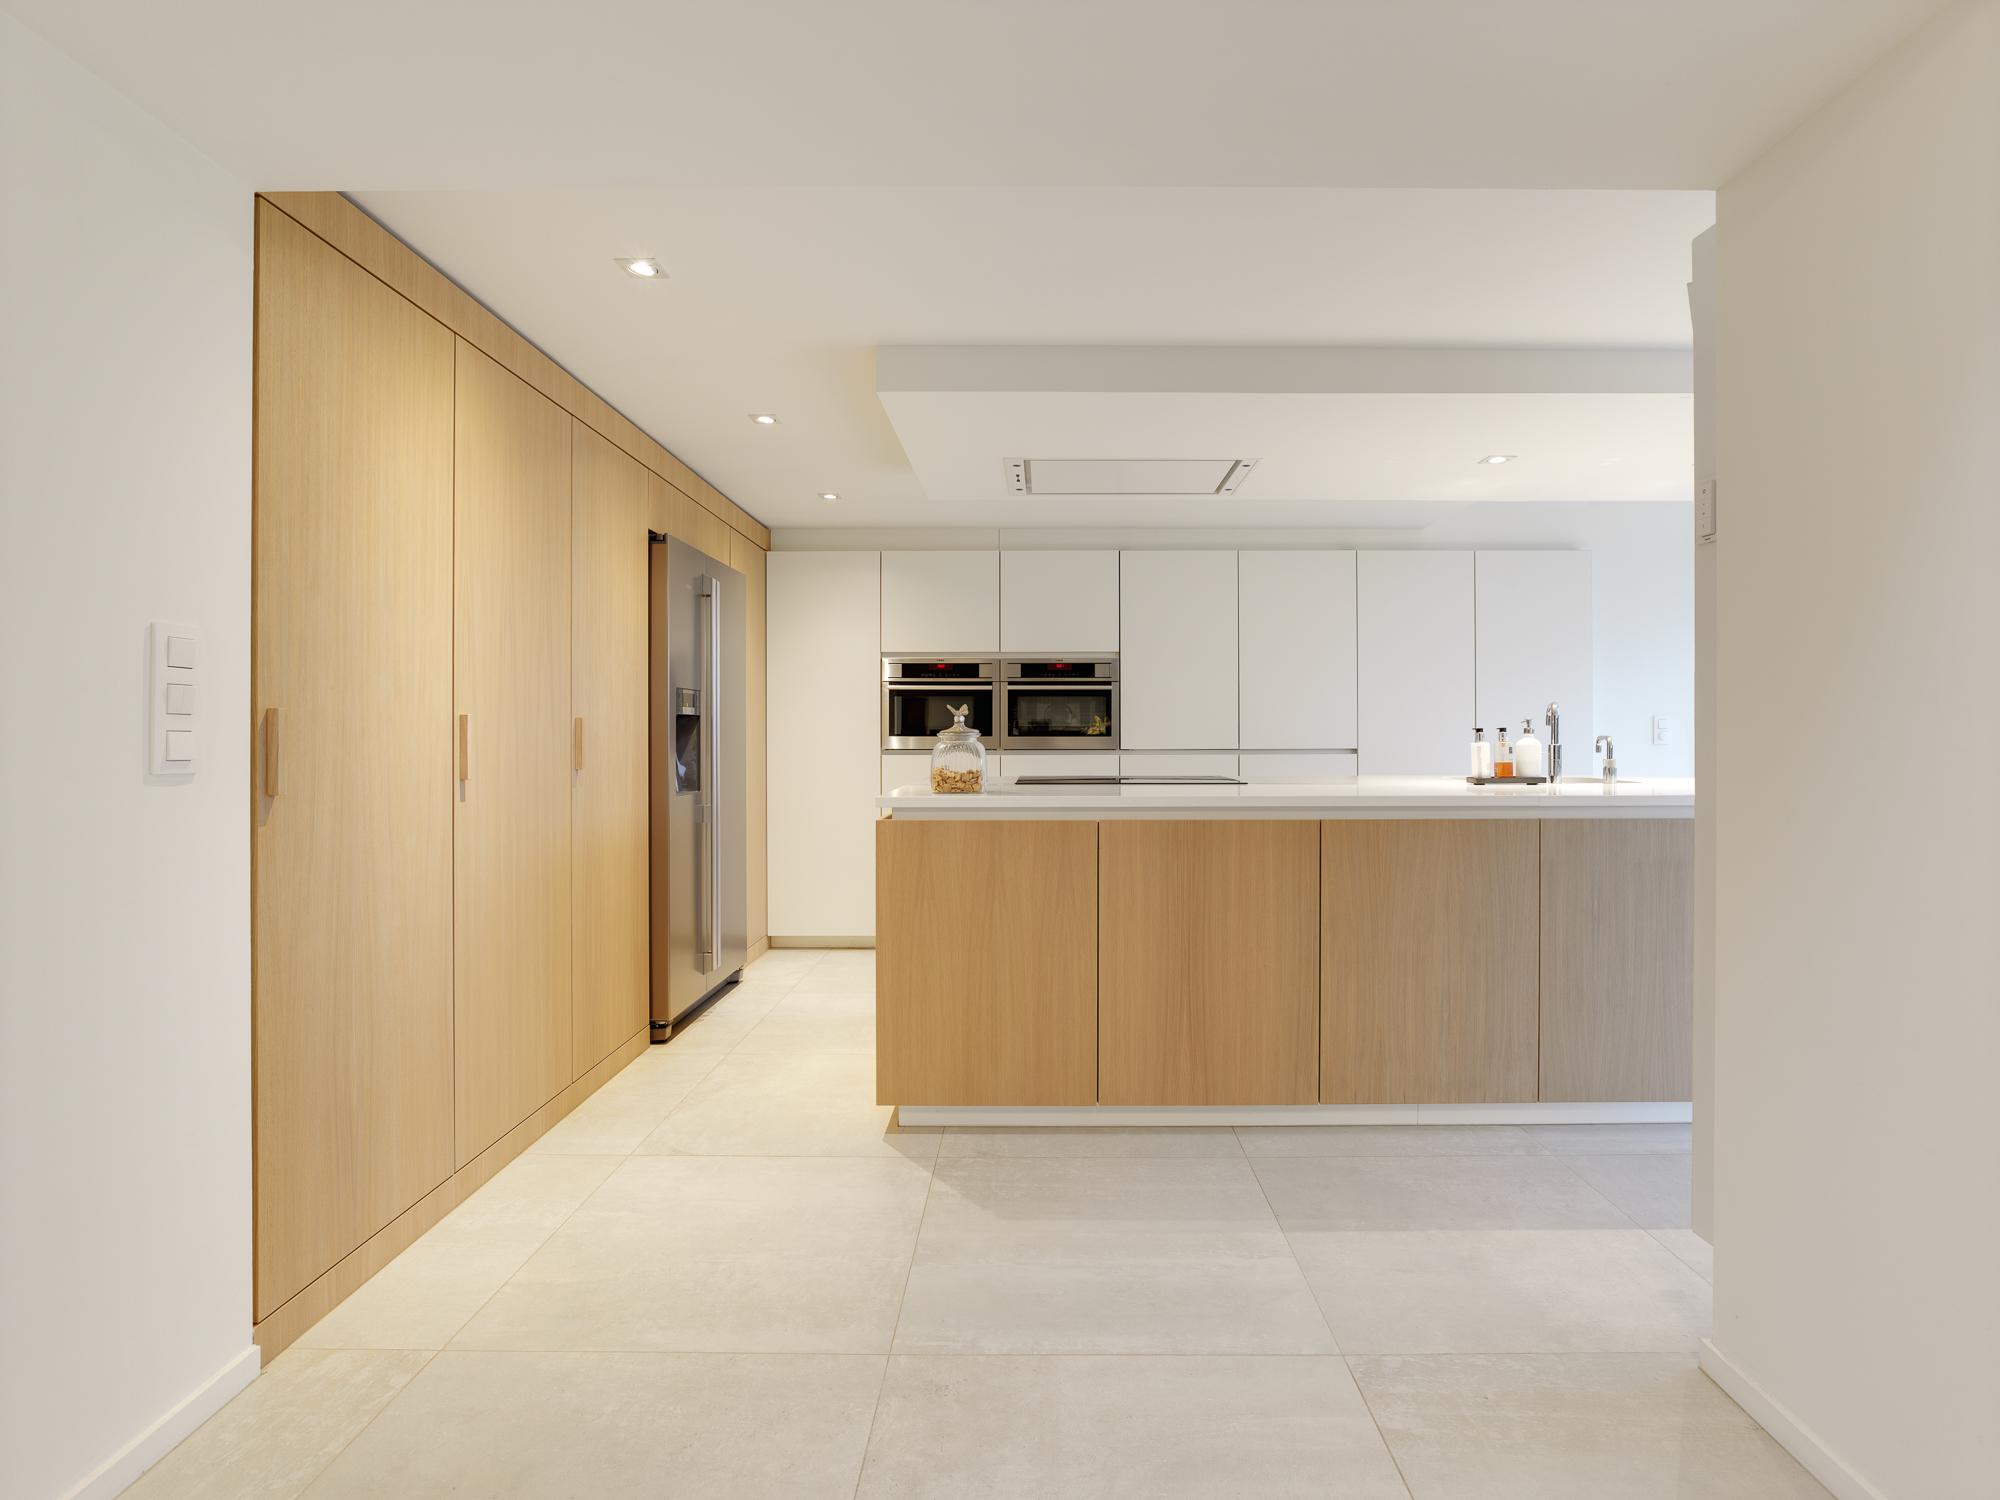 Aanbouw Open Keuken : Open keuken dankzij nieuwe aanbouw u interieurkabinet